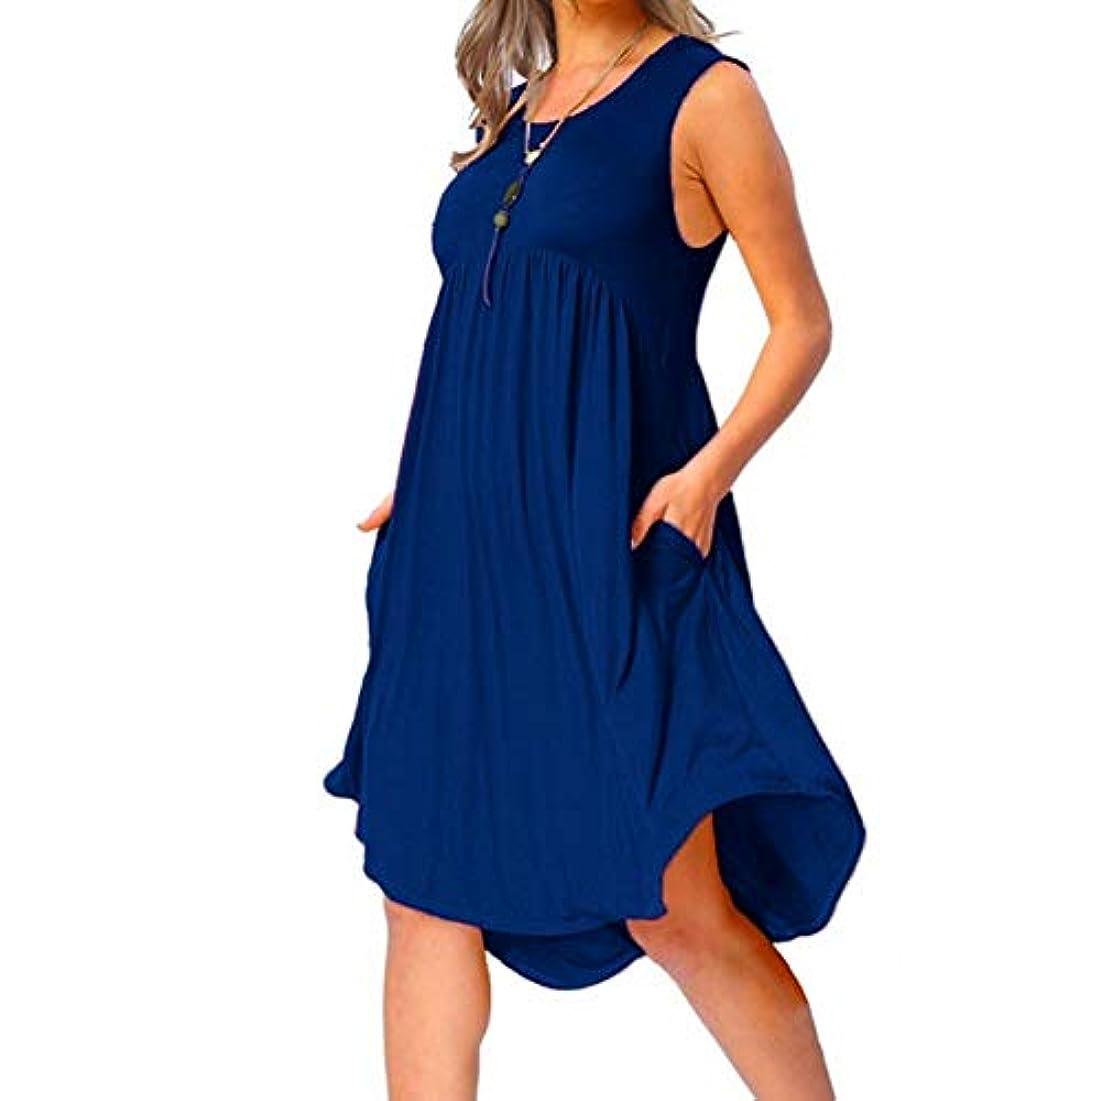 奨励します敵意音声学MIFAN の女性のドレスカジュアルな不規則なドレスルースサマービーチTシャツドレス